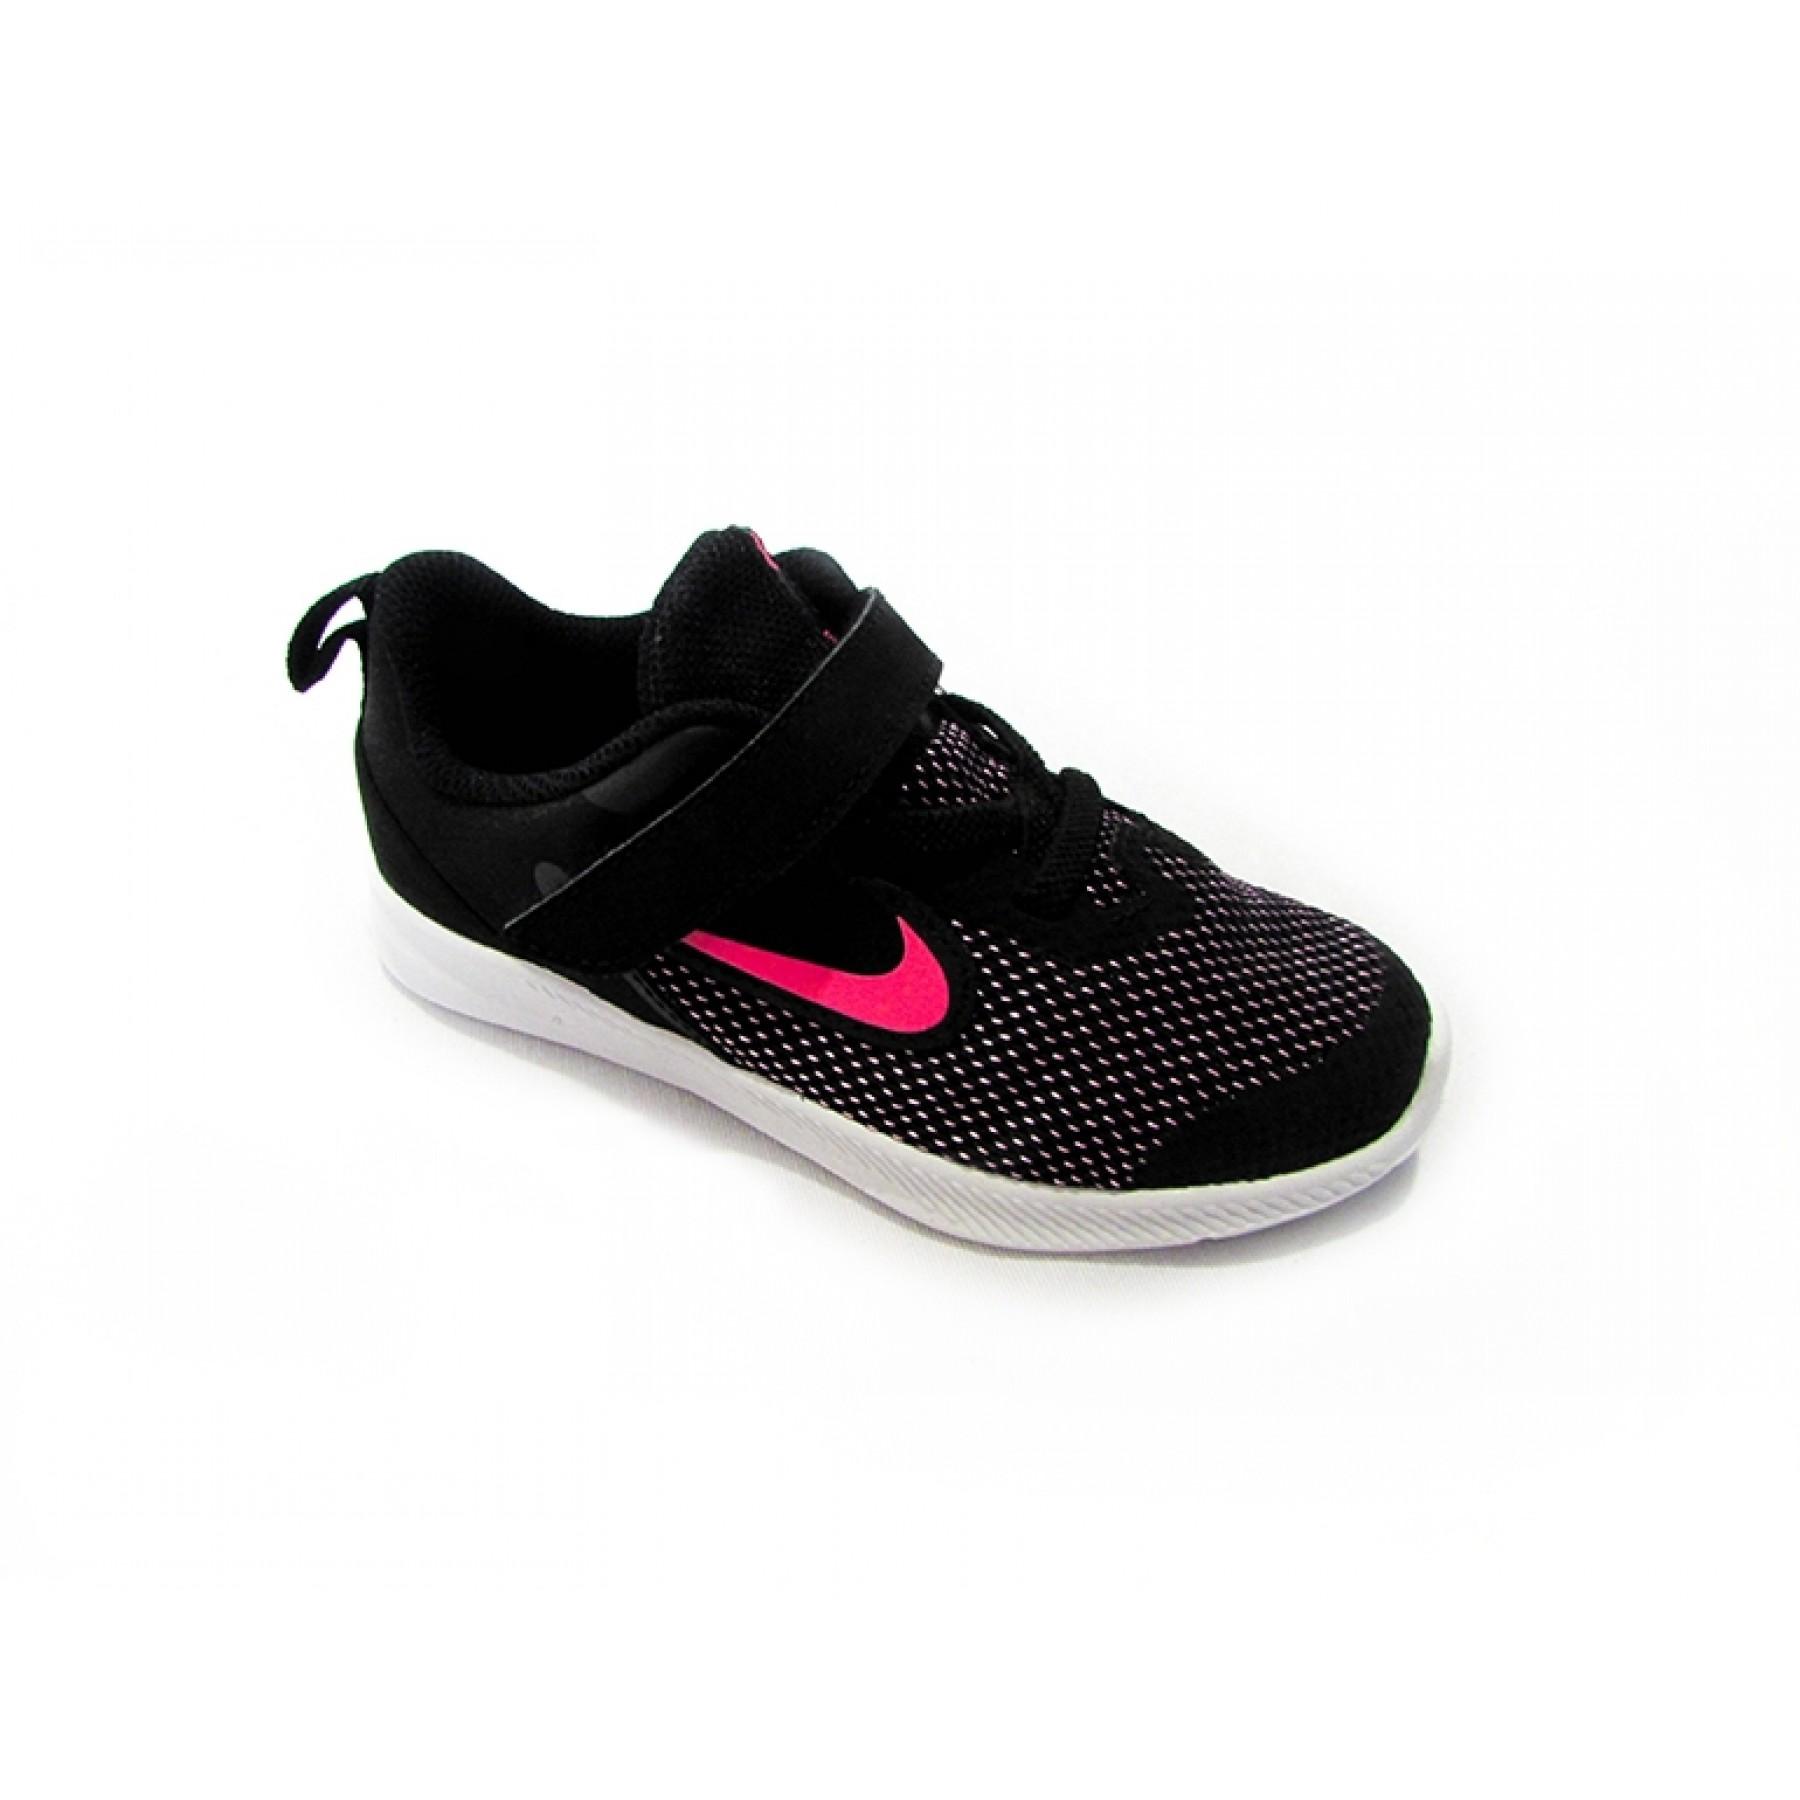 Orador baños demanda  Tênis Nike Downshifter 9 (TDV) Infantil - Loja de Tênis, Sapatos, Botas,  Sandálias e mais